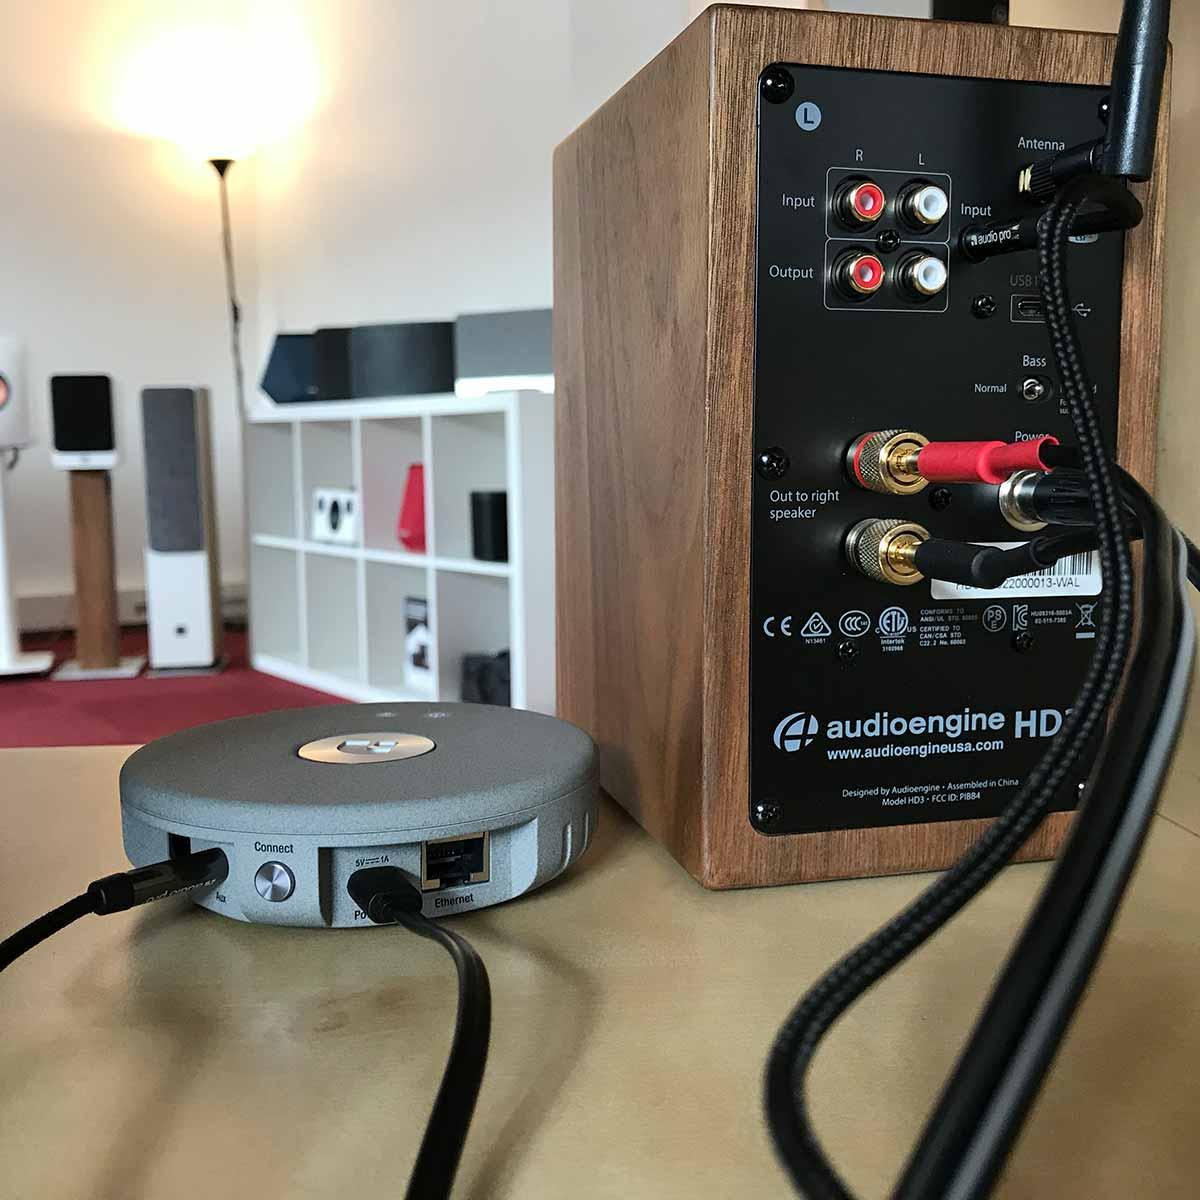 Brancher le lecteur réseau sur les enceintes Audioengine HD3